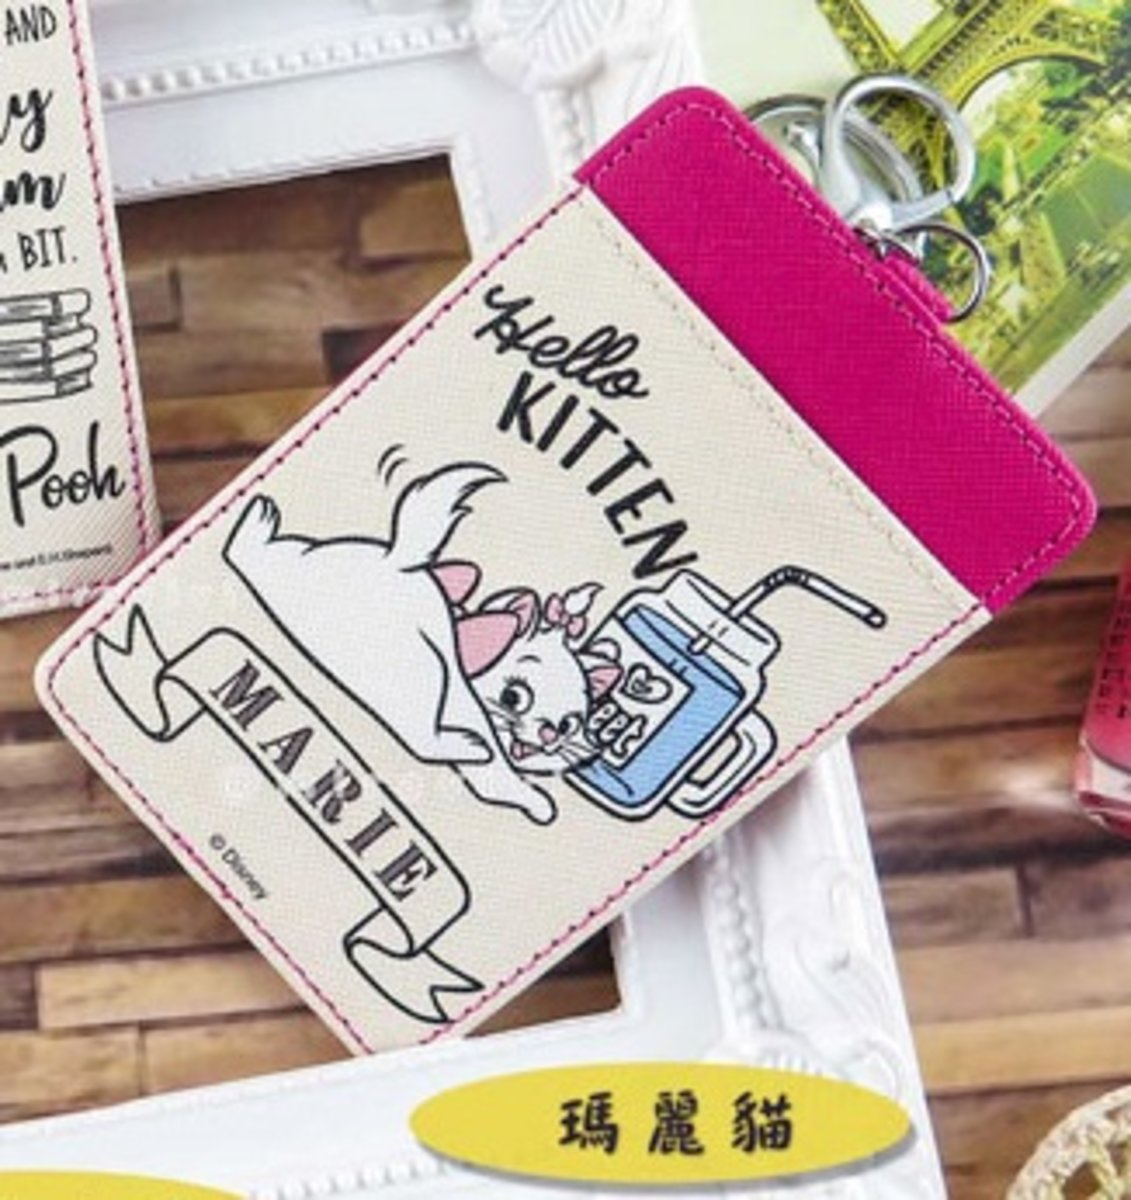 迪士尼 皮革手繪漫畫風格 八達通/證件 卡套 ( cardholder07 ) 瑪麗貓